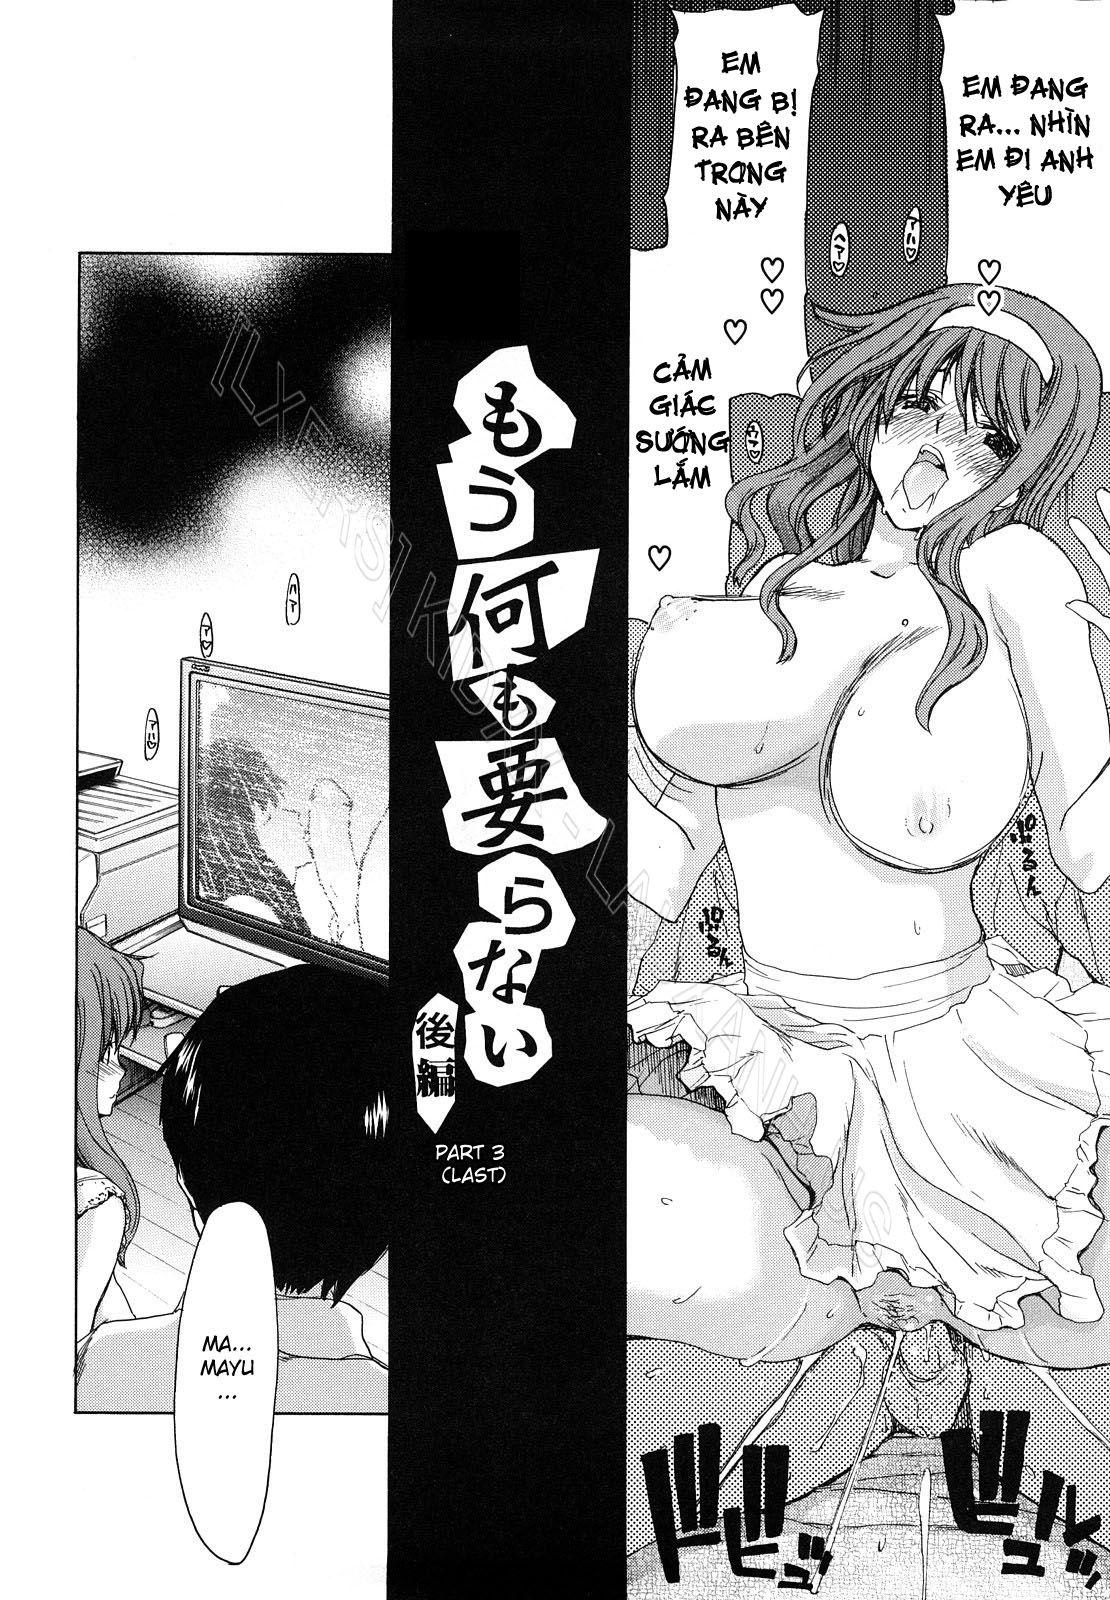 Hình ảnh Hinh_001 trong bài viết Bú Cặc trong phòng thay đồ Full màu không che